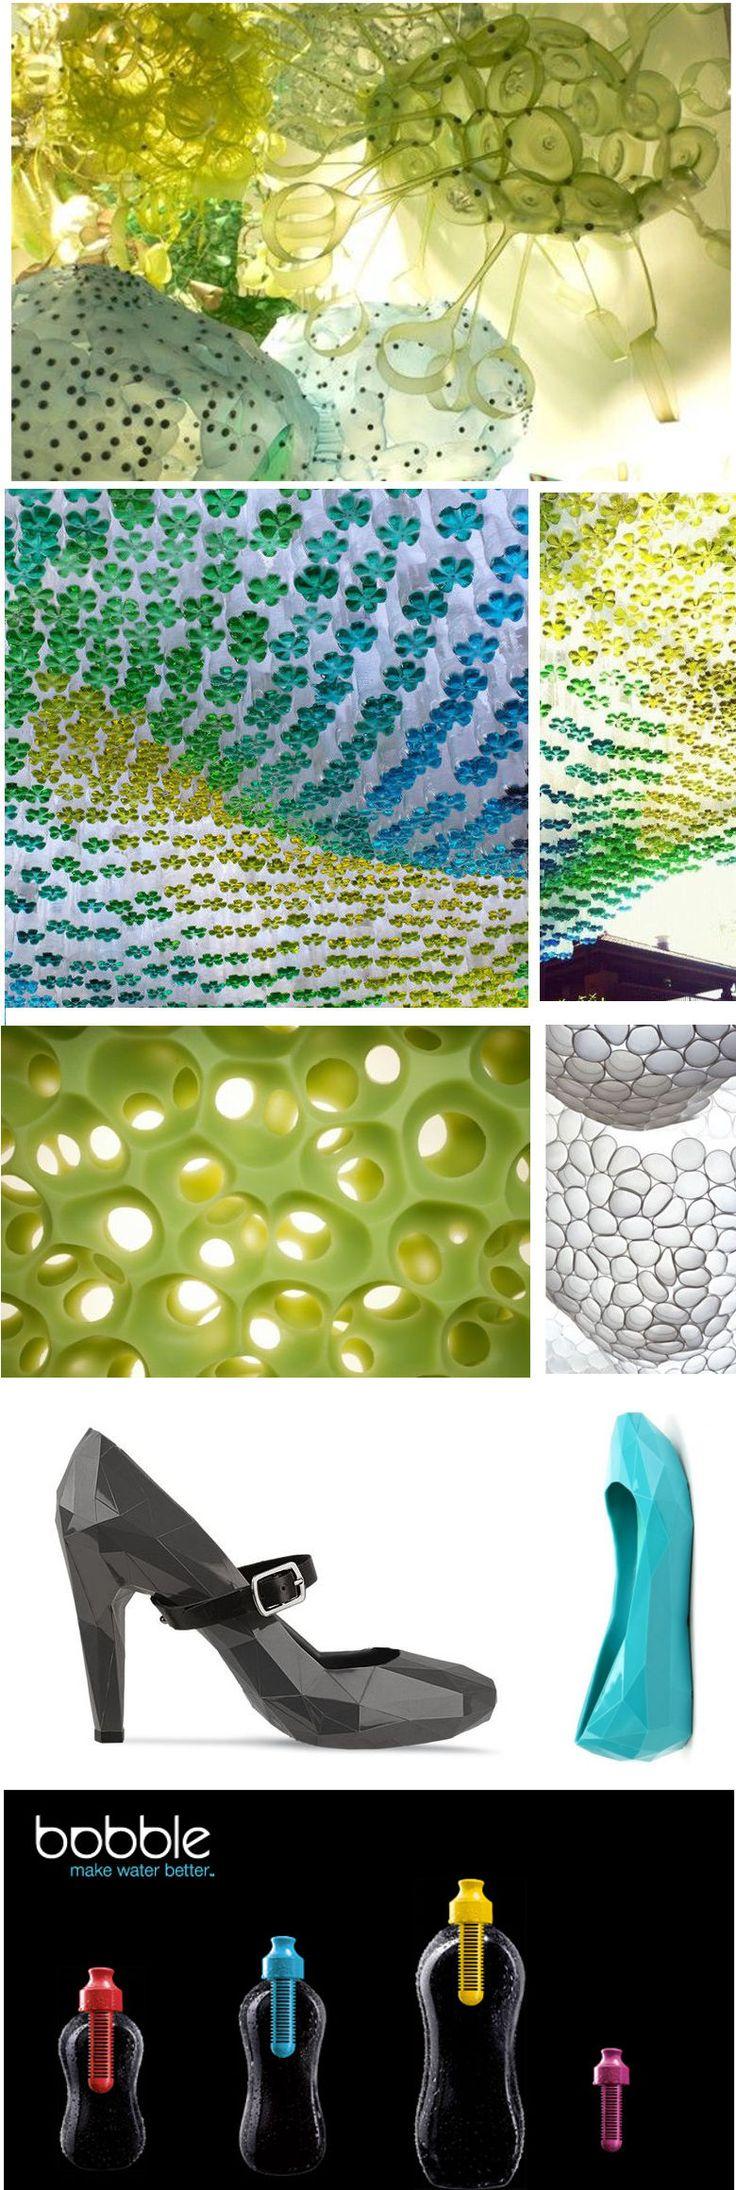 NUOVE IDEE PLASTICHE: DALLA MODA AL DESIGN